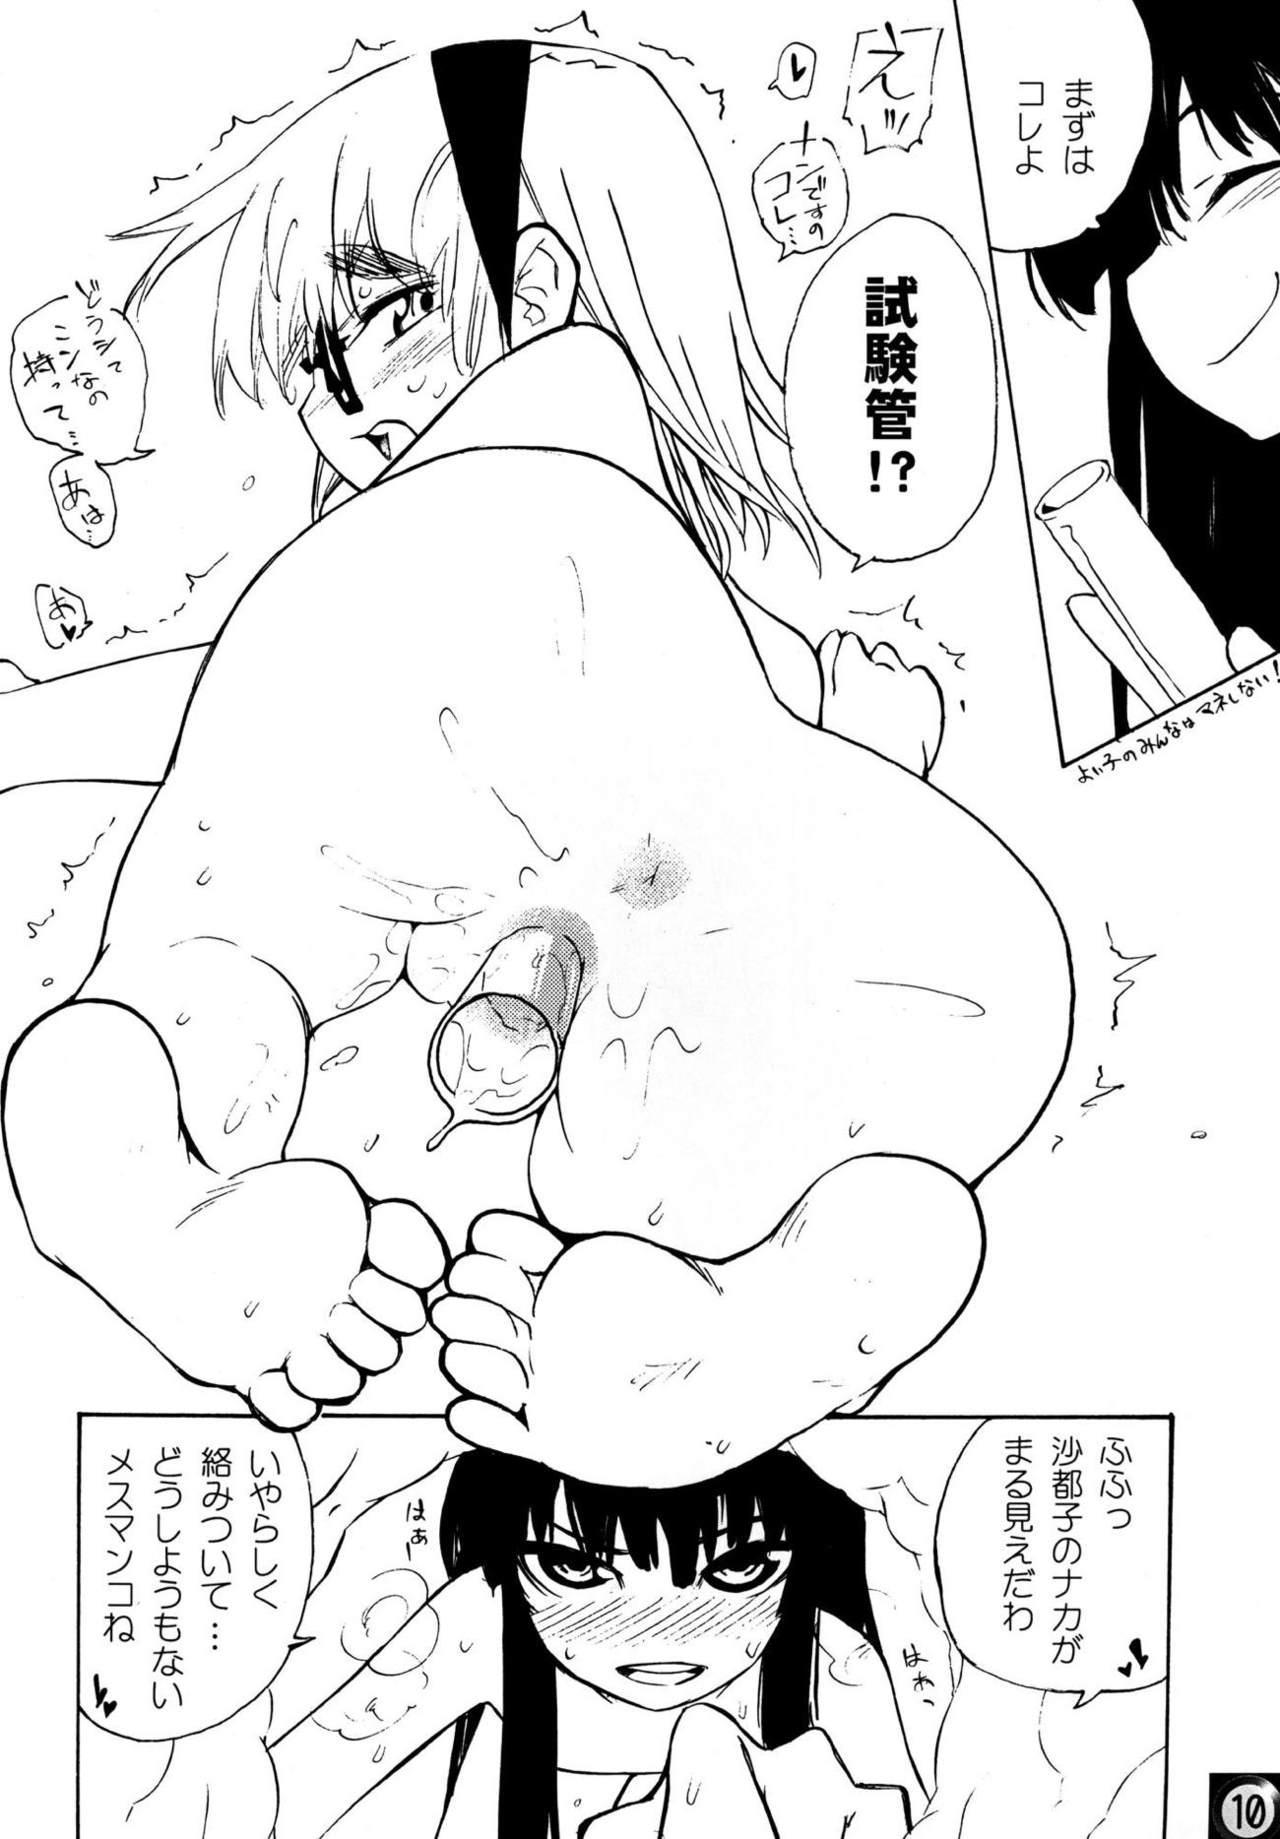 Ecchi ja Nai to Ikenai to Omoimasu!! 8